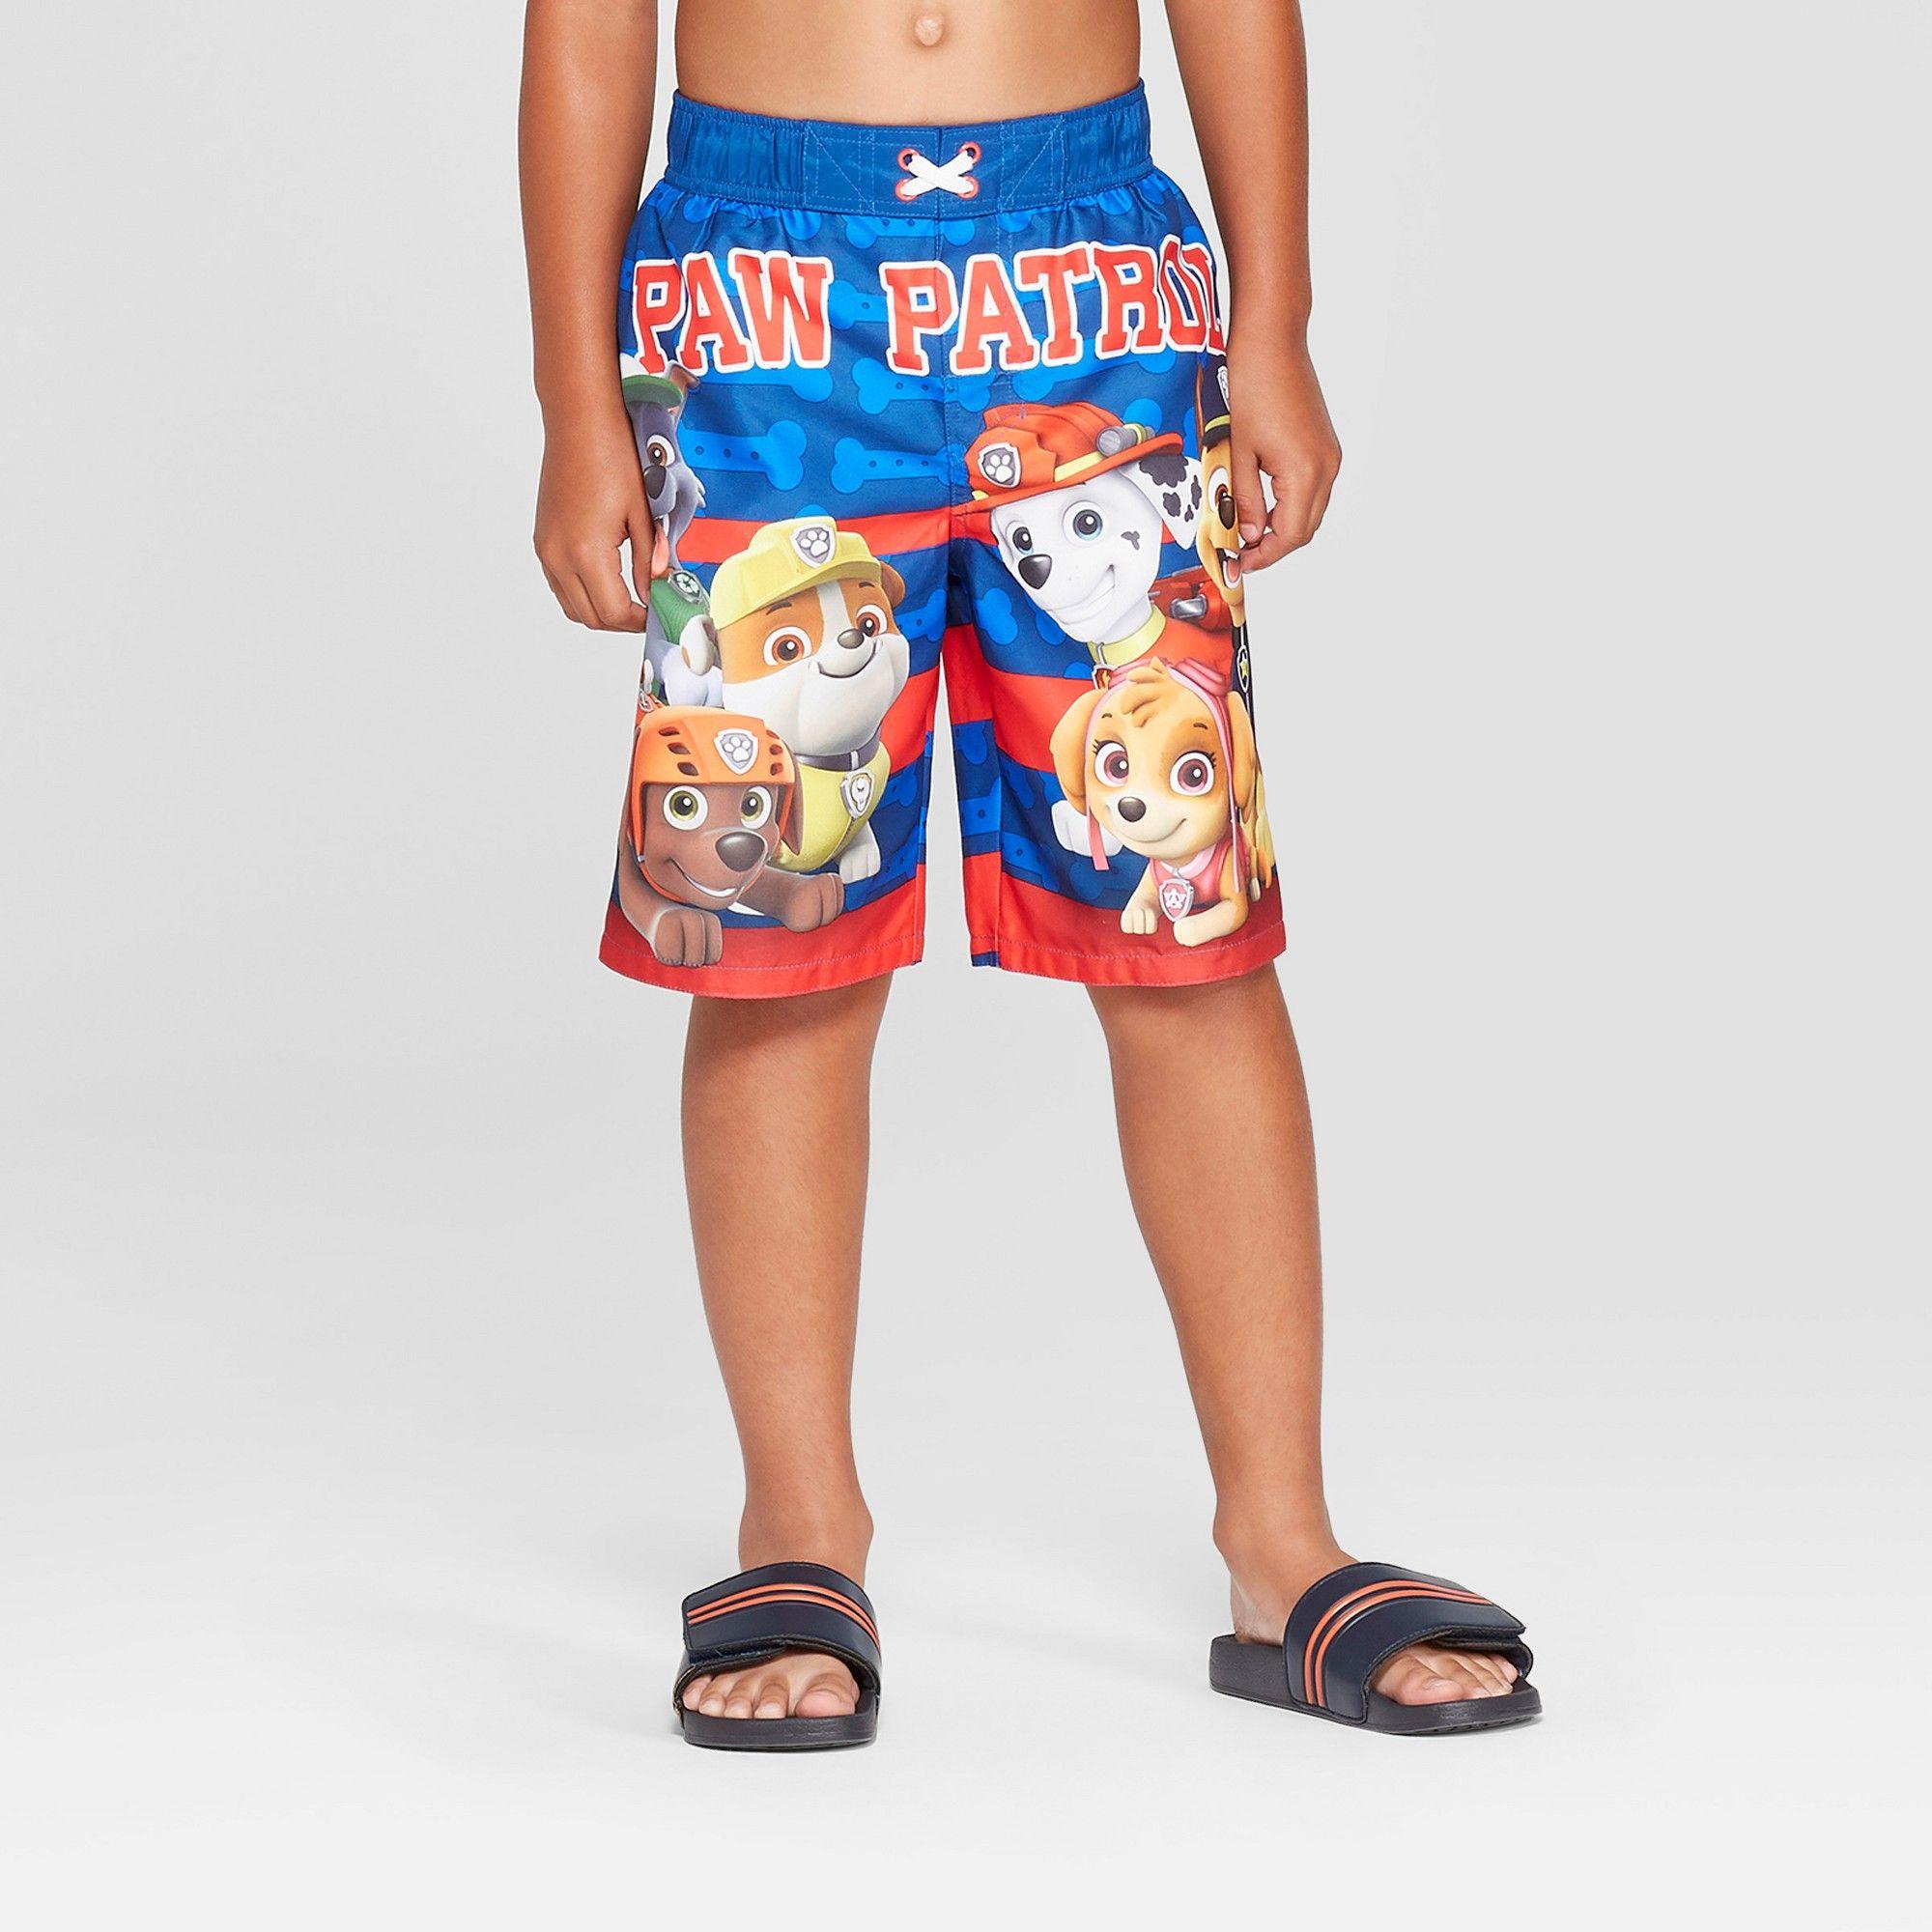 Paw Patrol Boys Swimwear Swim Trunks